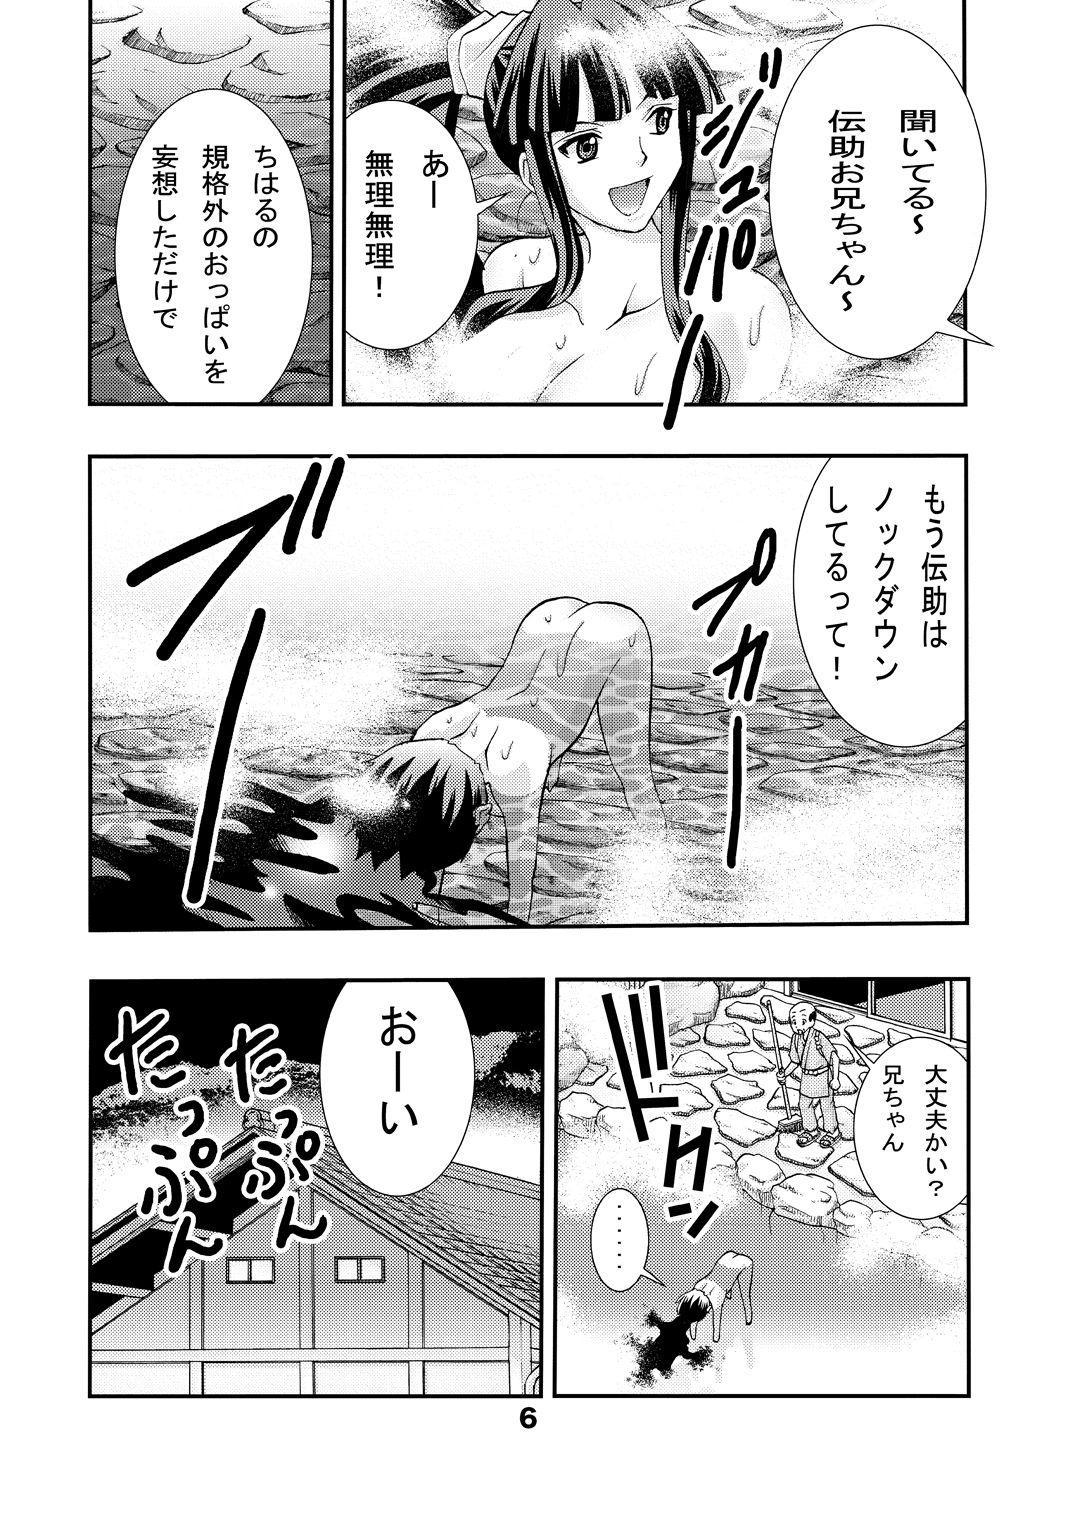 Eiken Rensai Kaishi 10-shuunen Kinen Bon Kaiteiban Sai 5